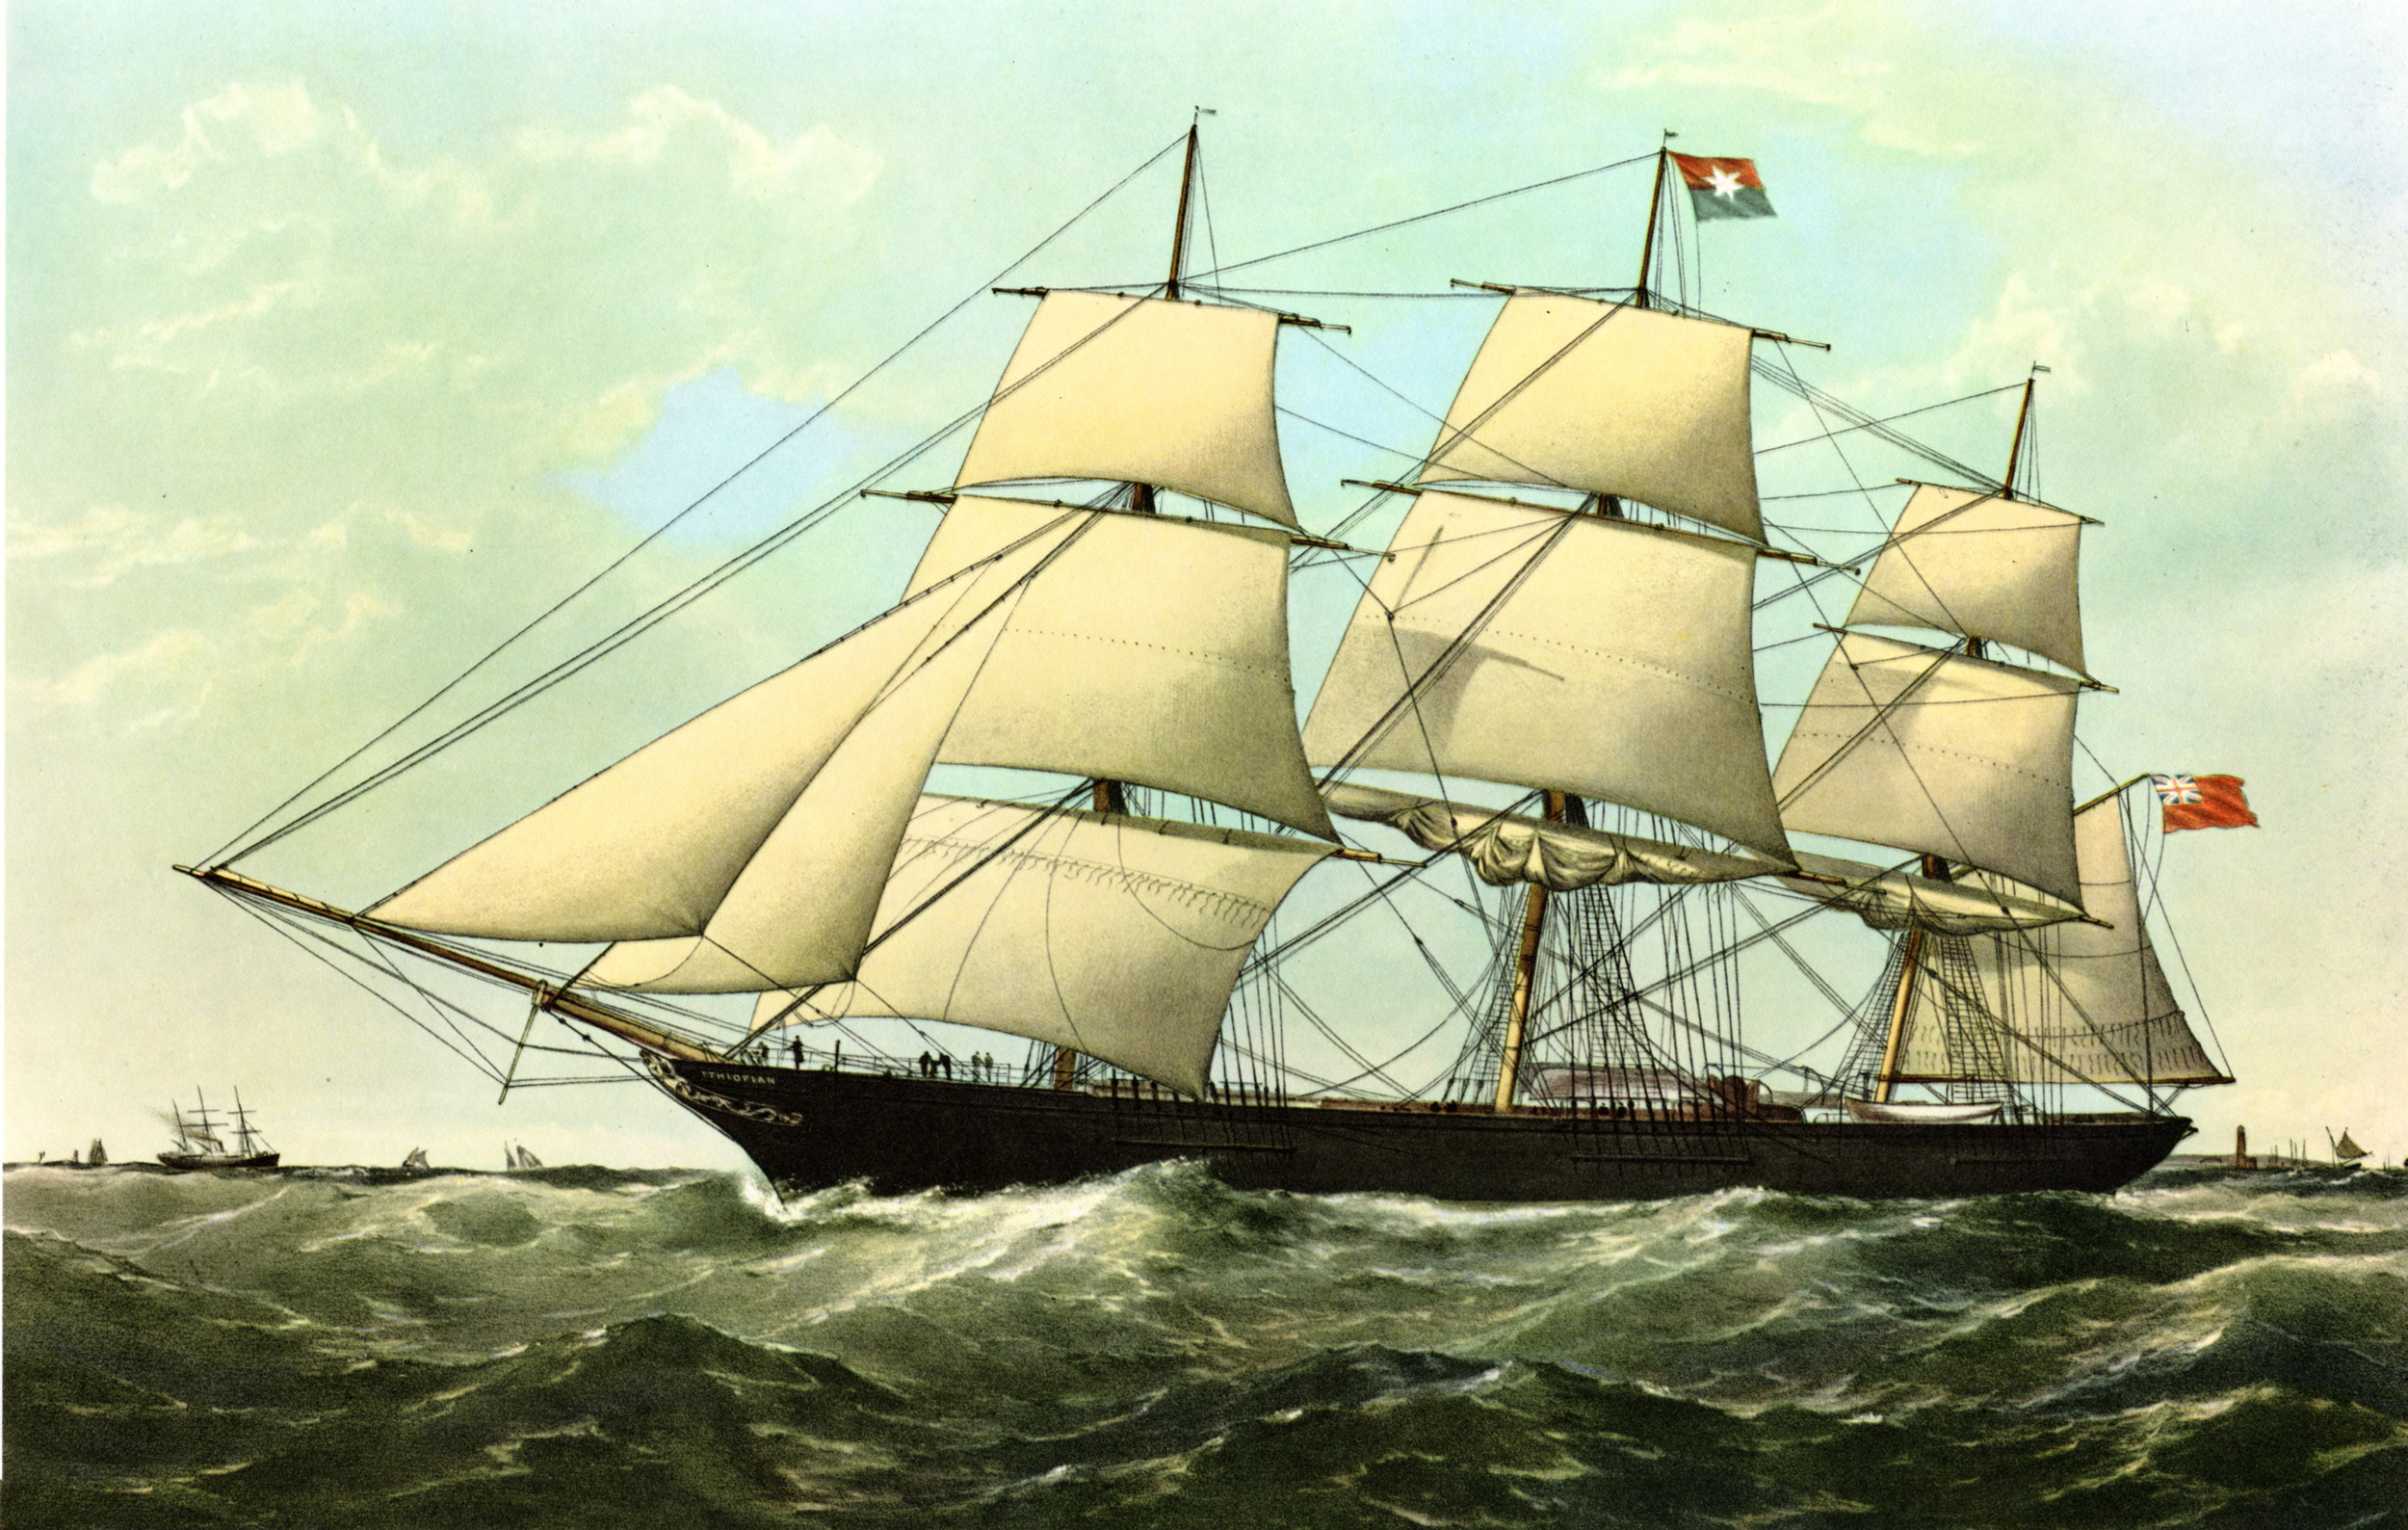 Miscellaneous ship prints